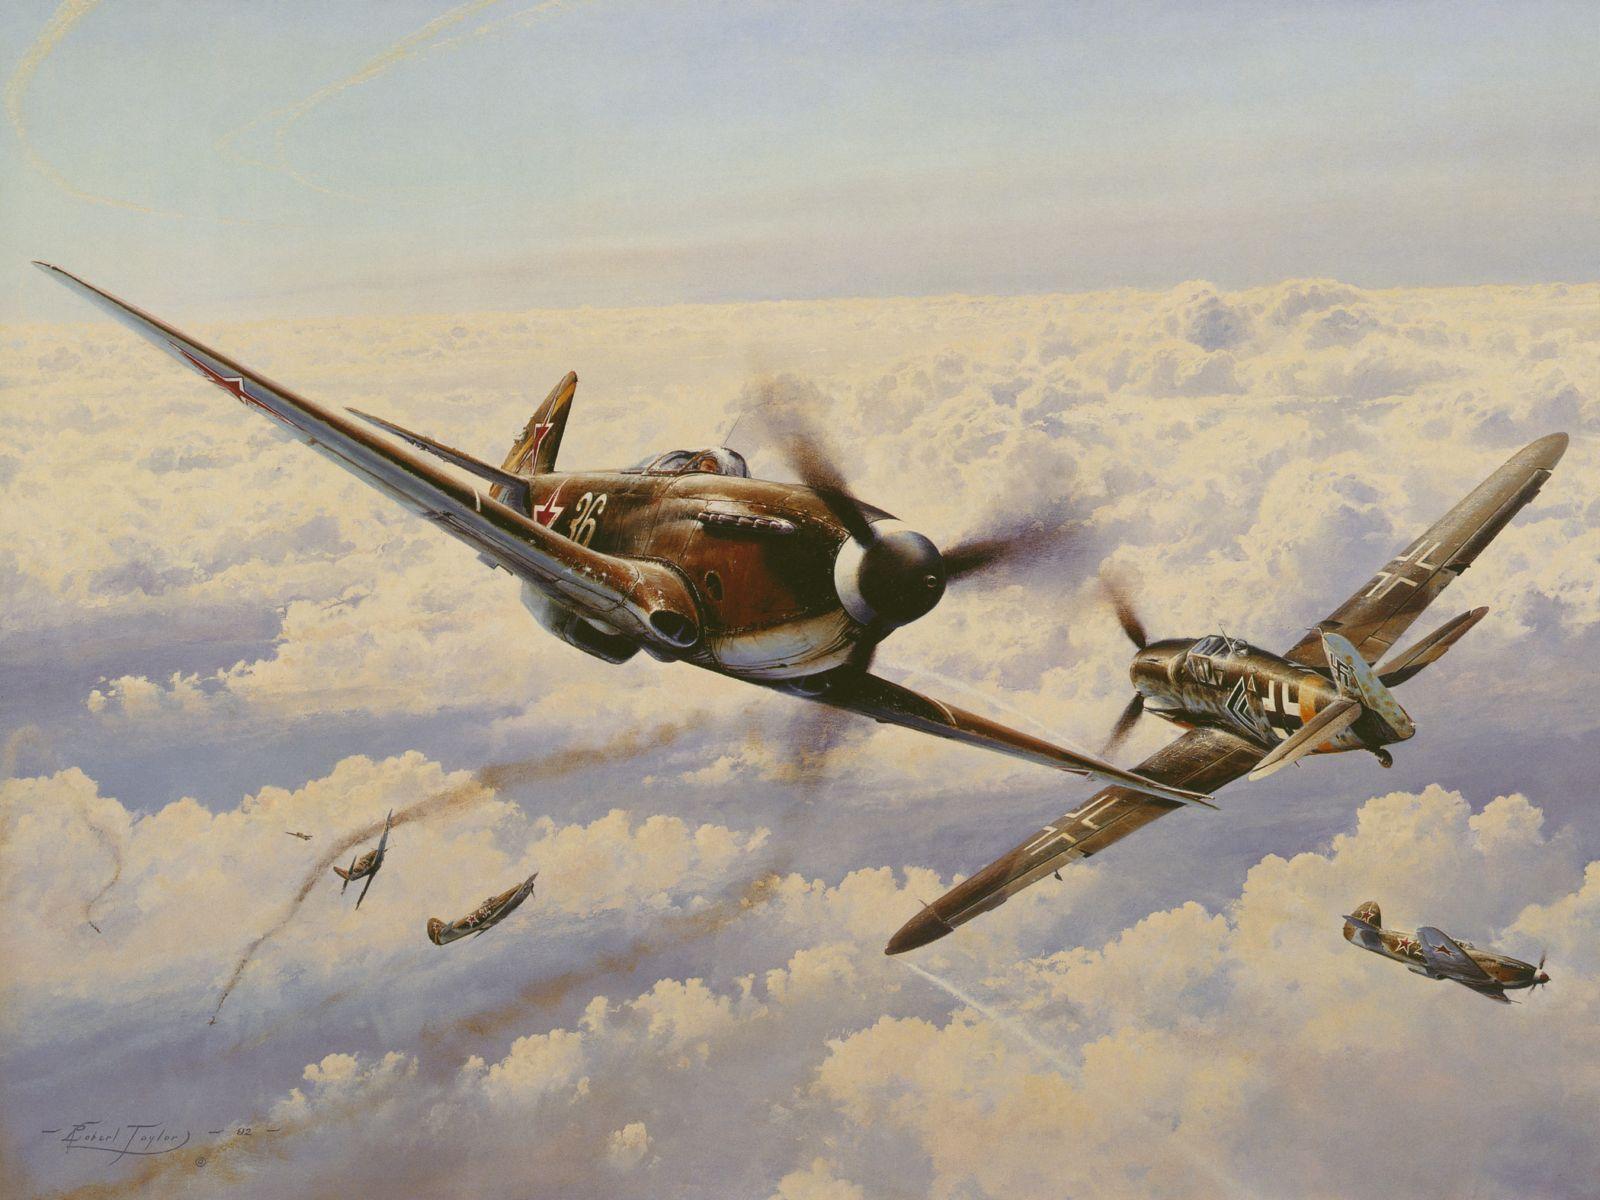 Воздушный бой вторая мировая война